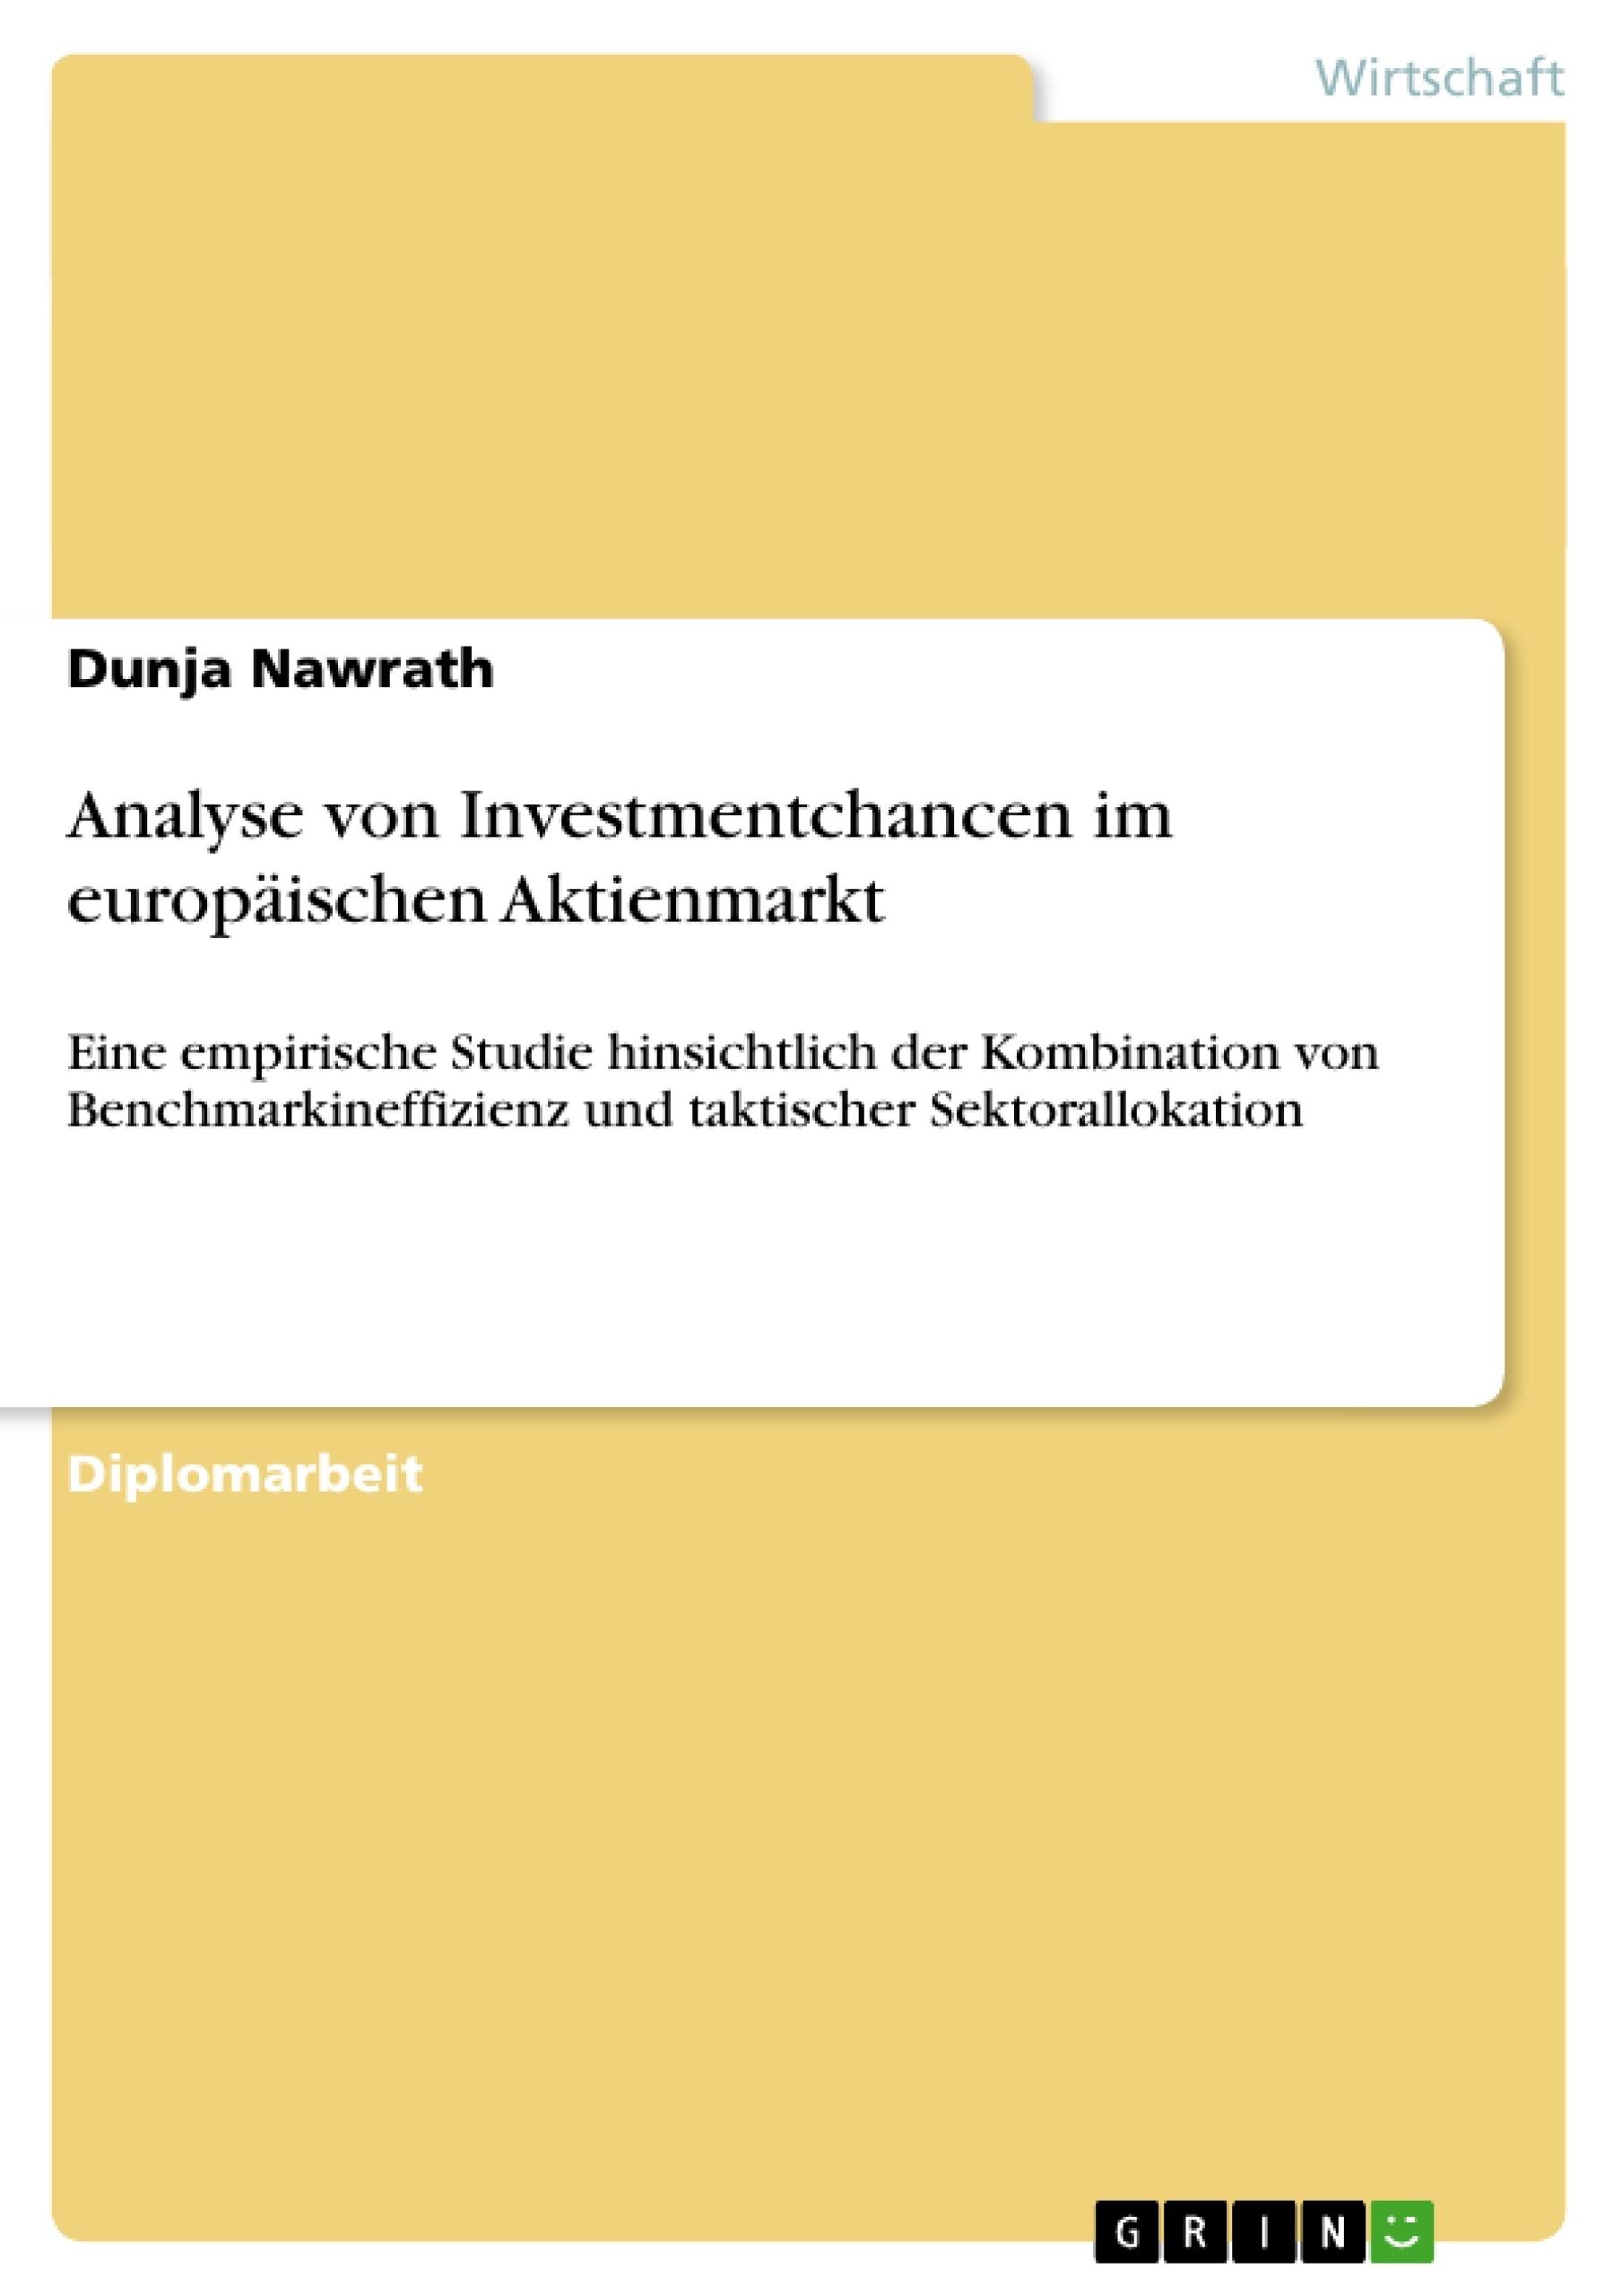 Titel: Analyse von Investmentchancen im europäischen Aktienmarkt